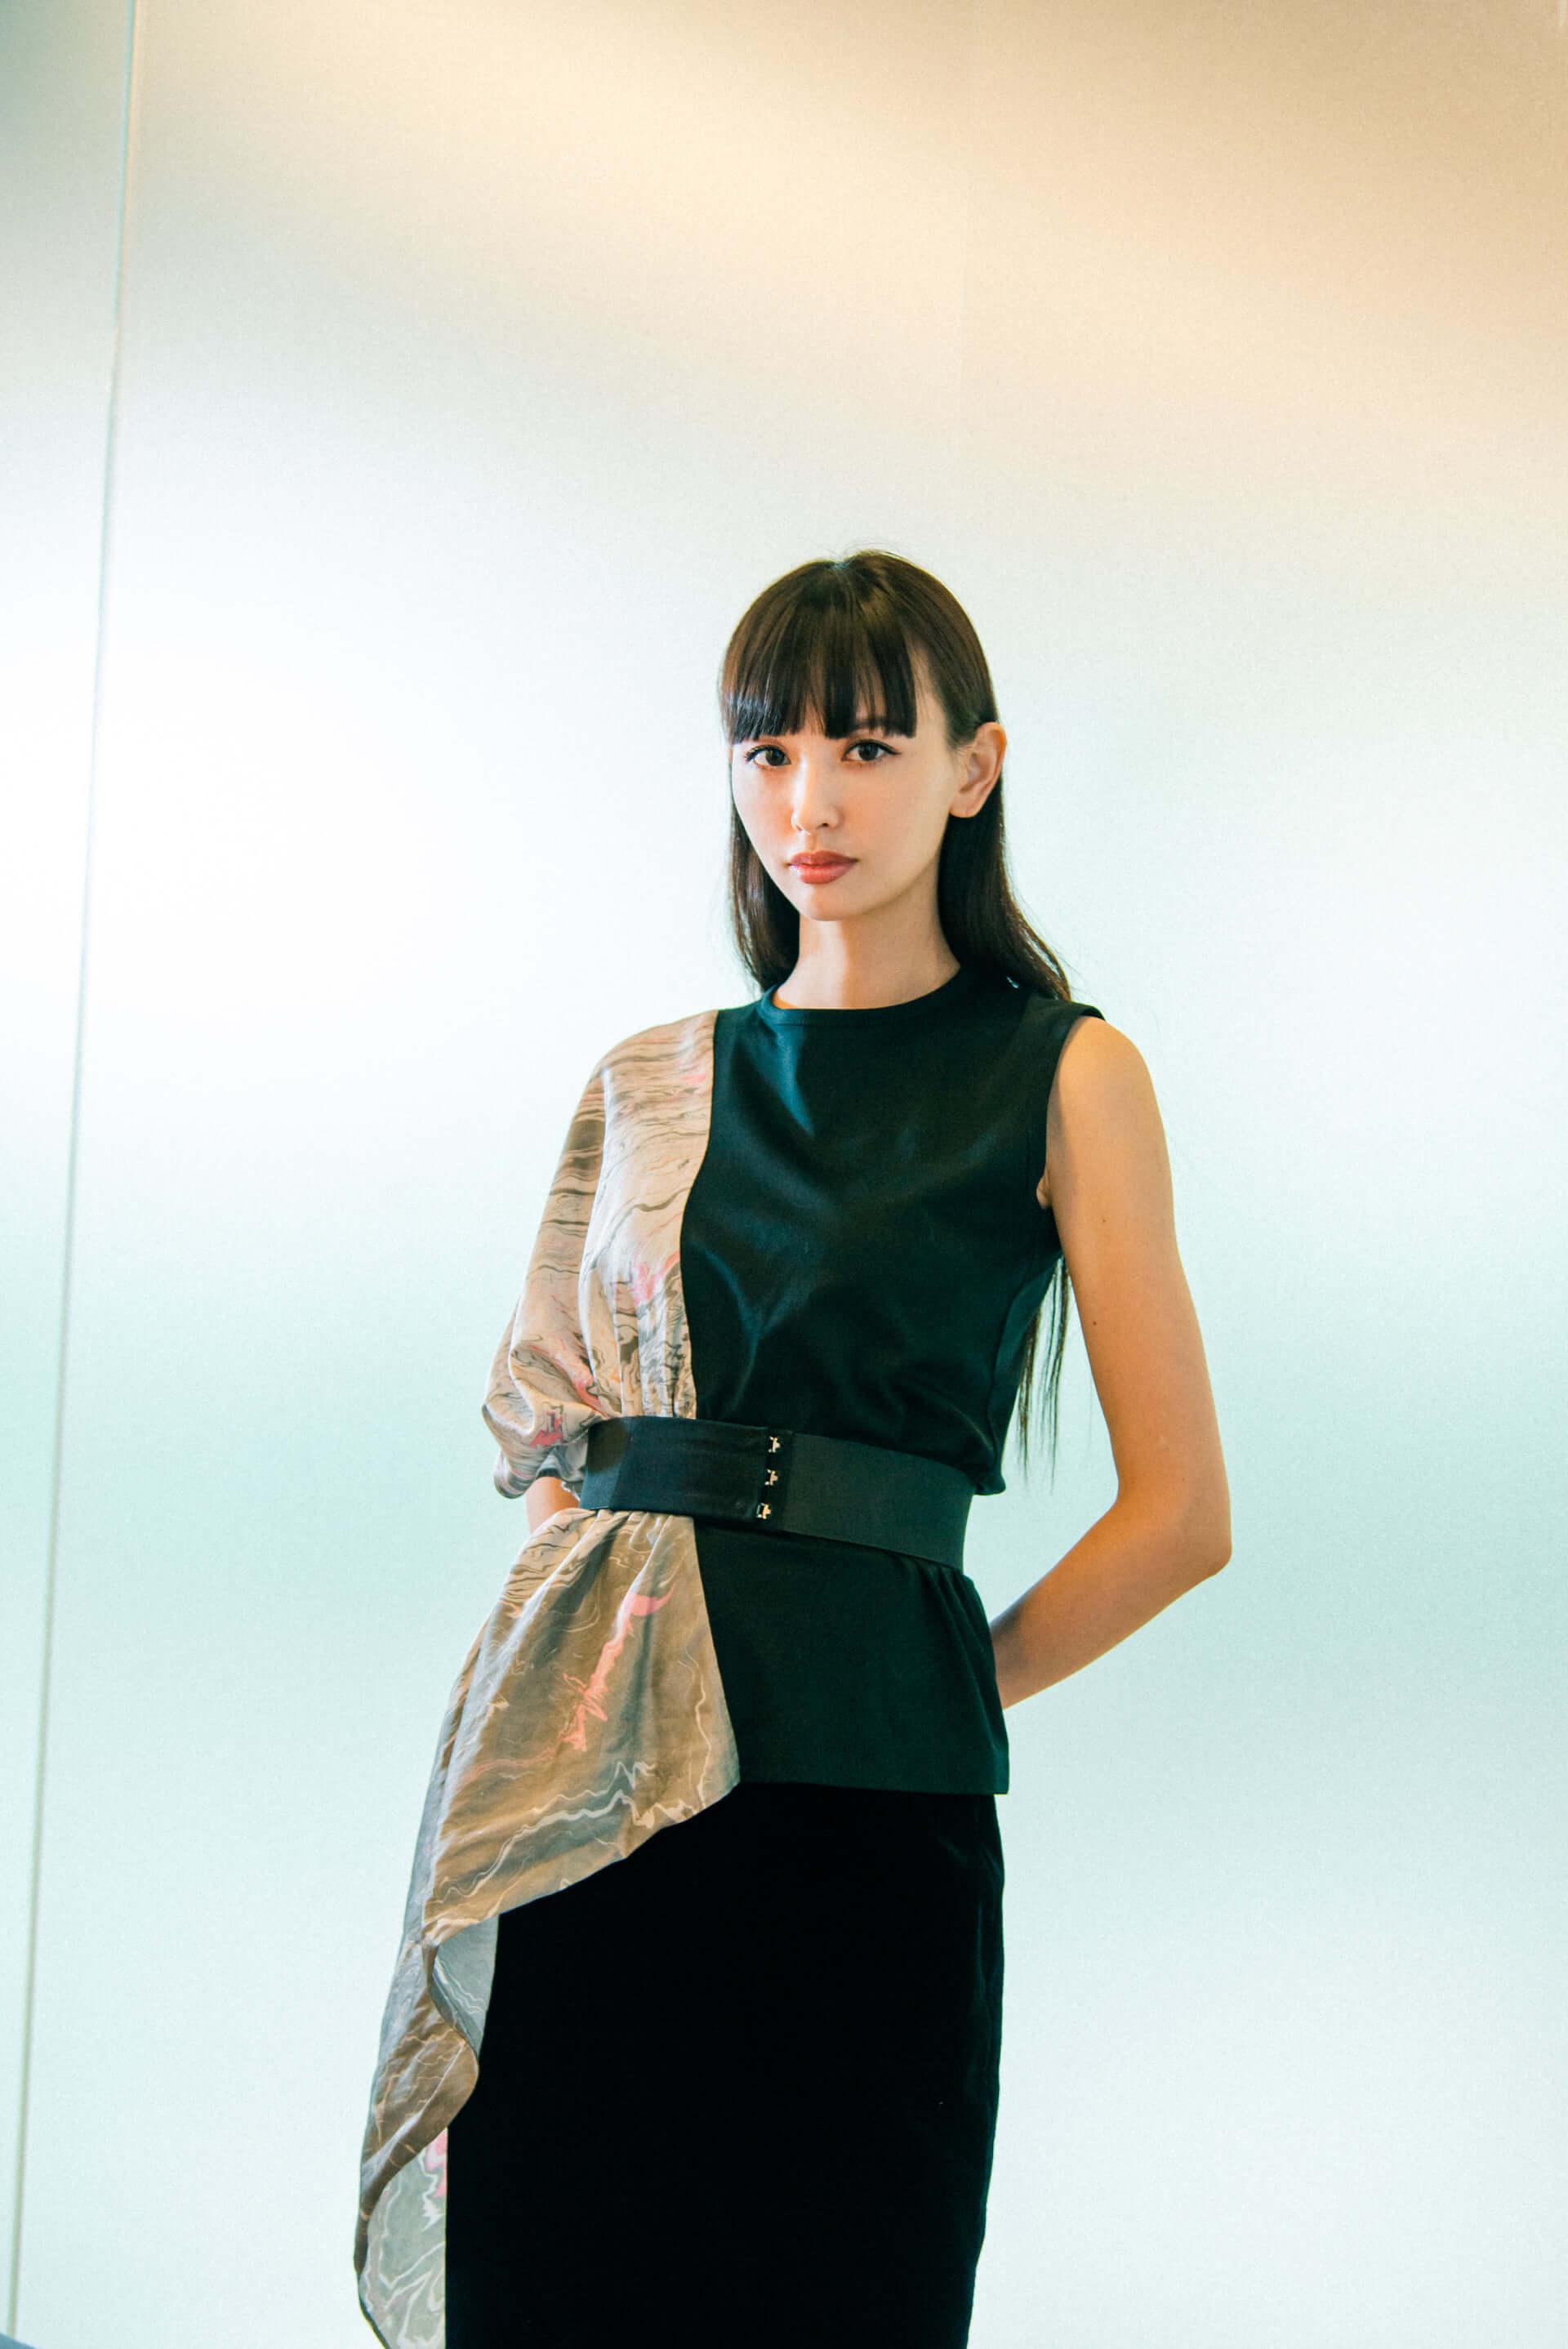 Amazon Fashionの新プログラム「The Drop」から鈴木えみが手がけるコレクションがローンチ!デザイナーとしての素顔に迫る interview1008_emisuzuki_3501-Edit-fix-1920x2876